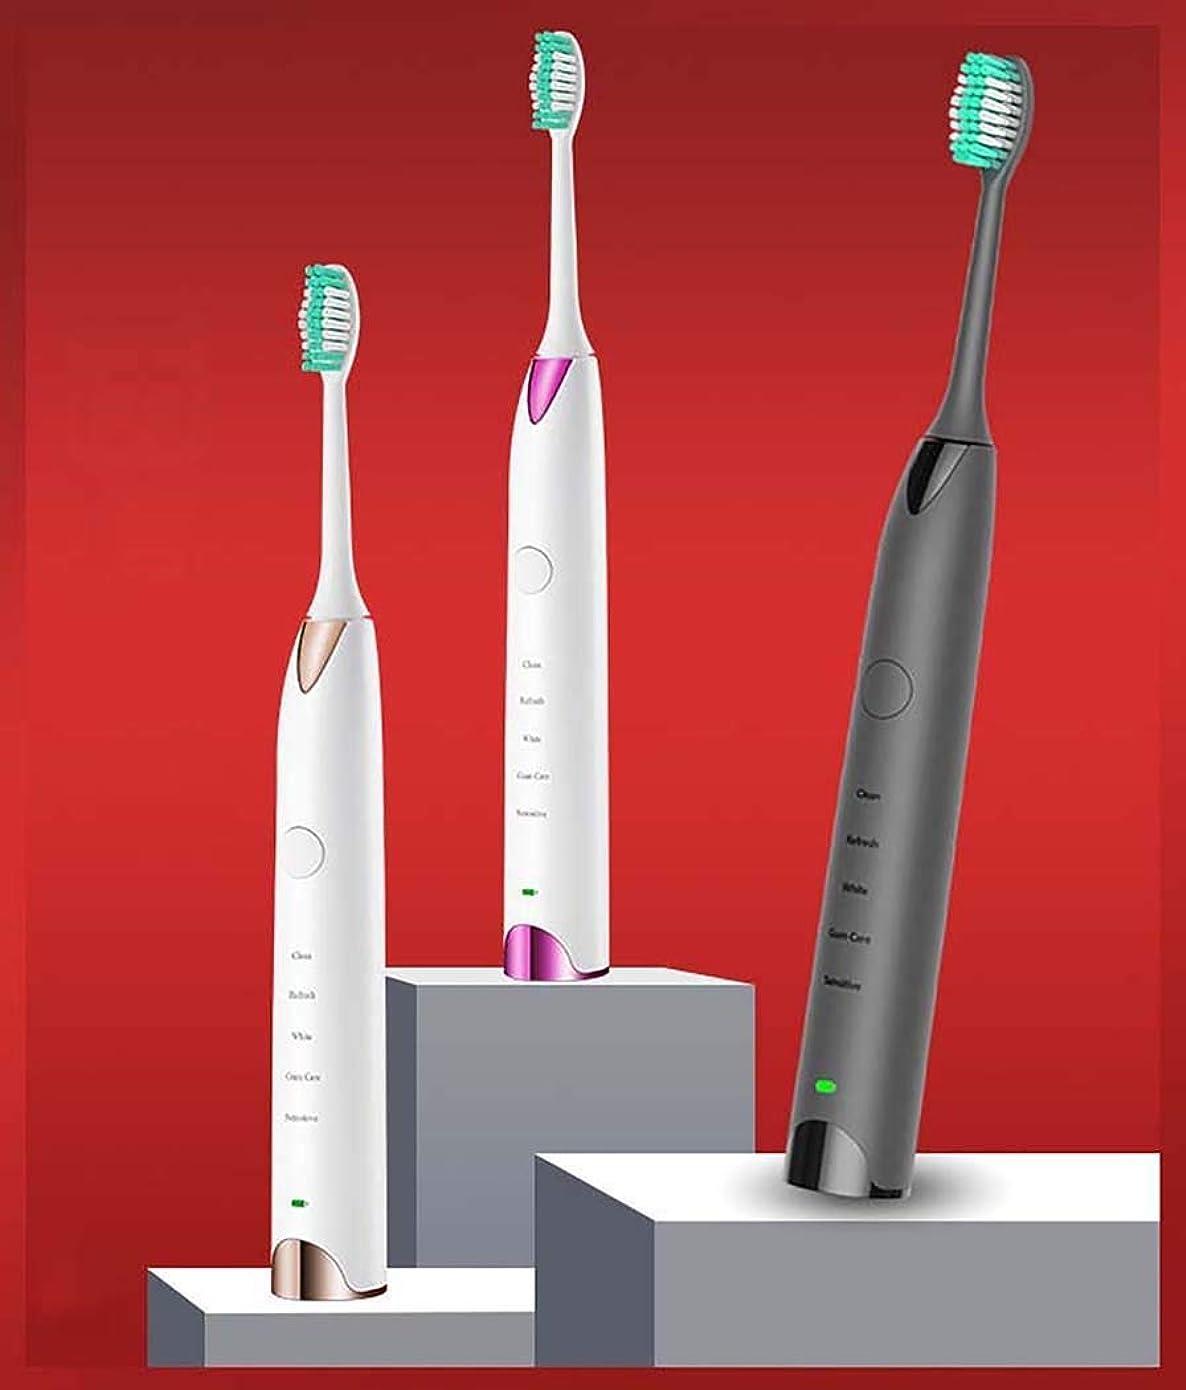 戦士明日ボランティア電動歯ブラシ、ミュート防水電動歯ブラシ、充電式自動歯ブラシ、インテリジェントタイミングチェンジエリアリマインド、USB充電方法(カラー:ピンク)